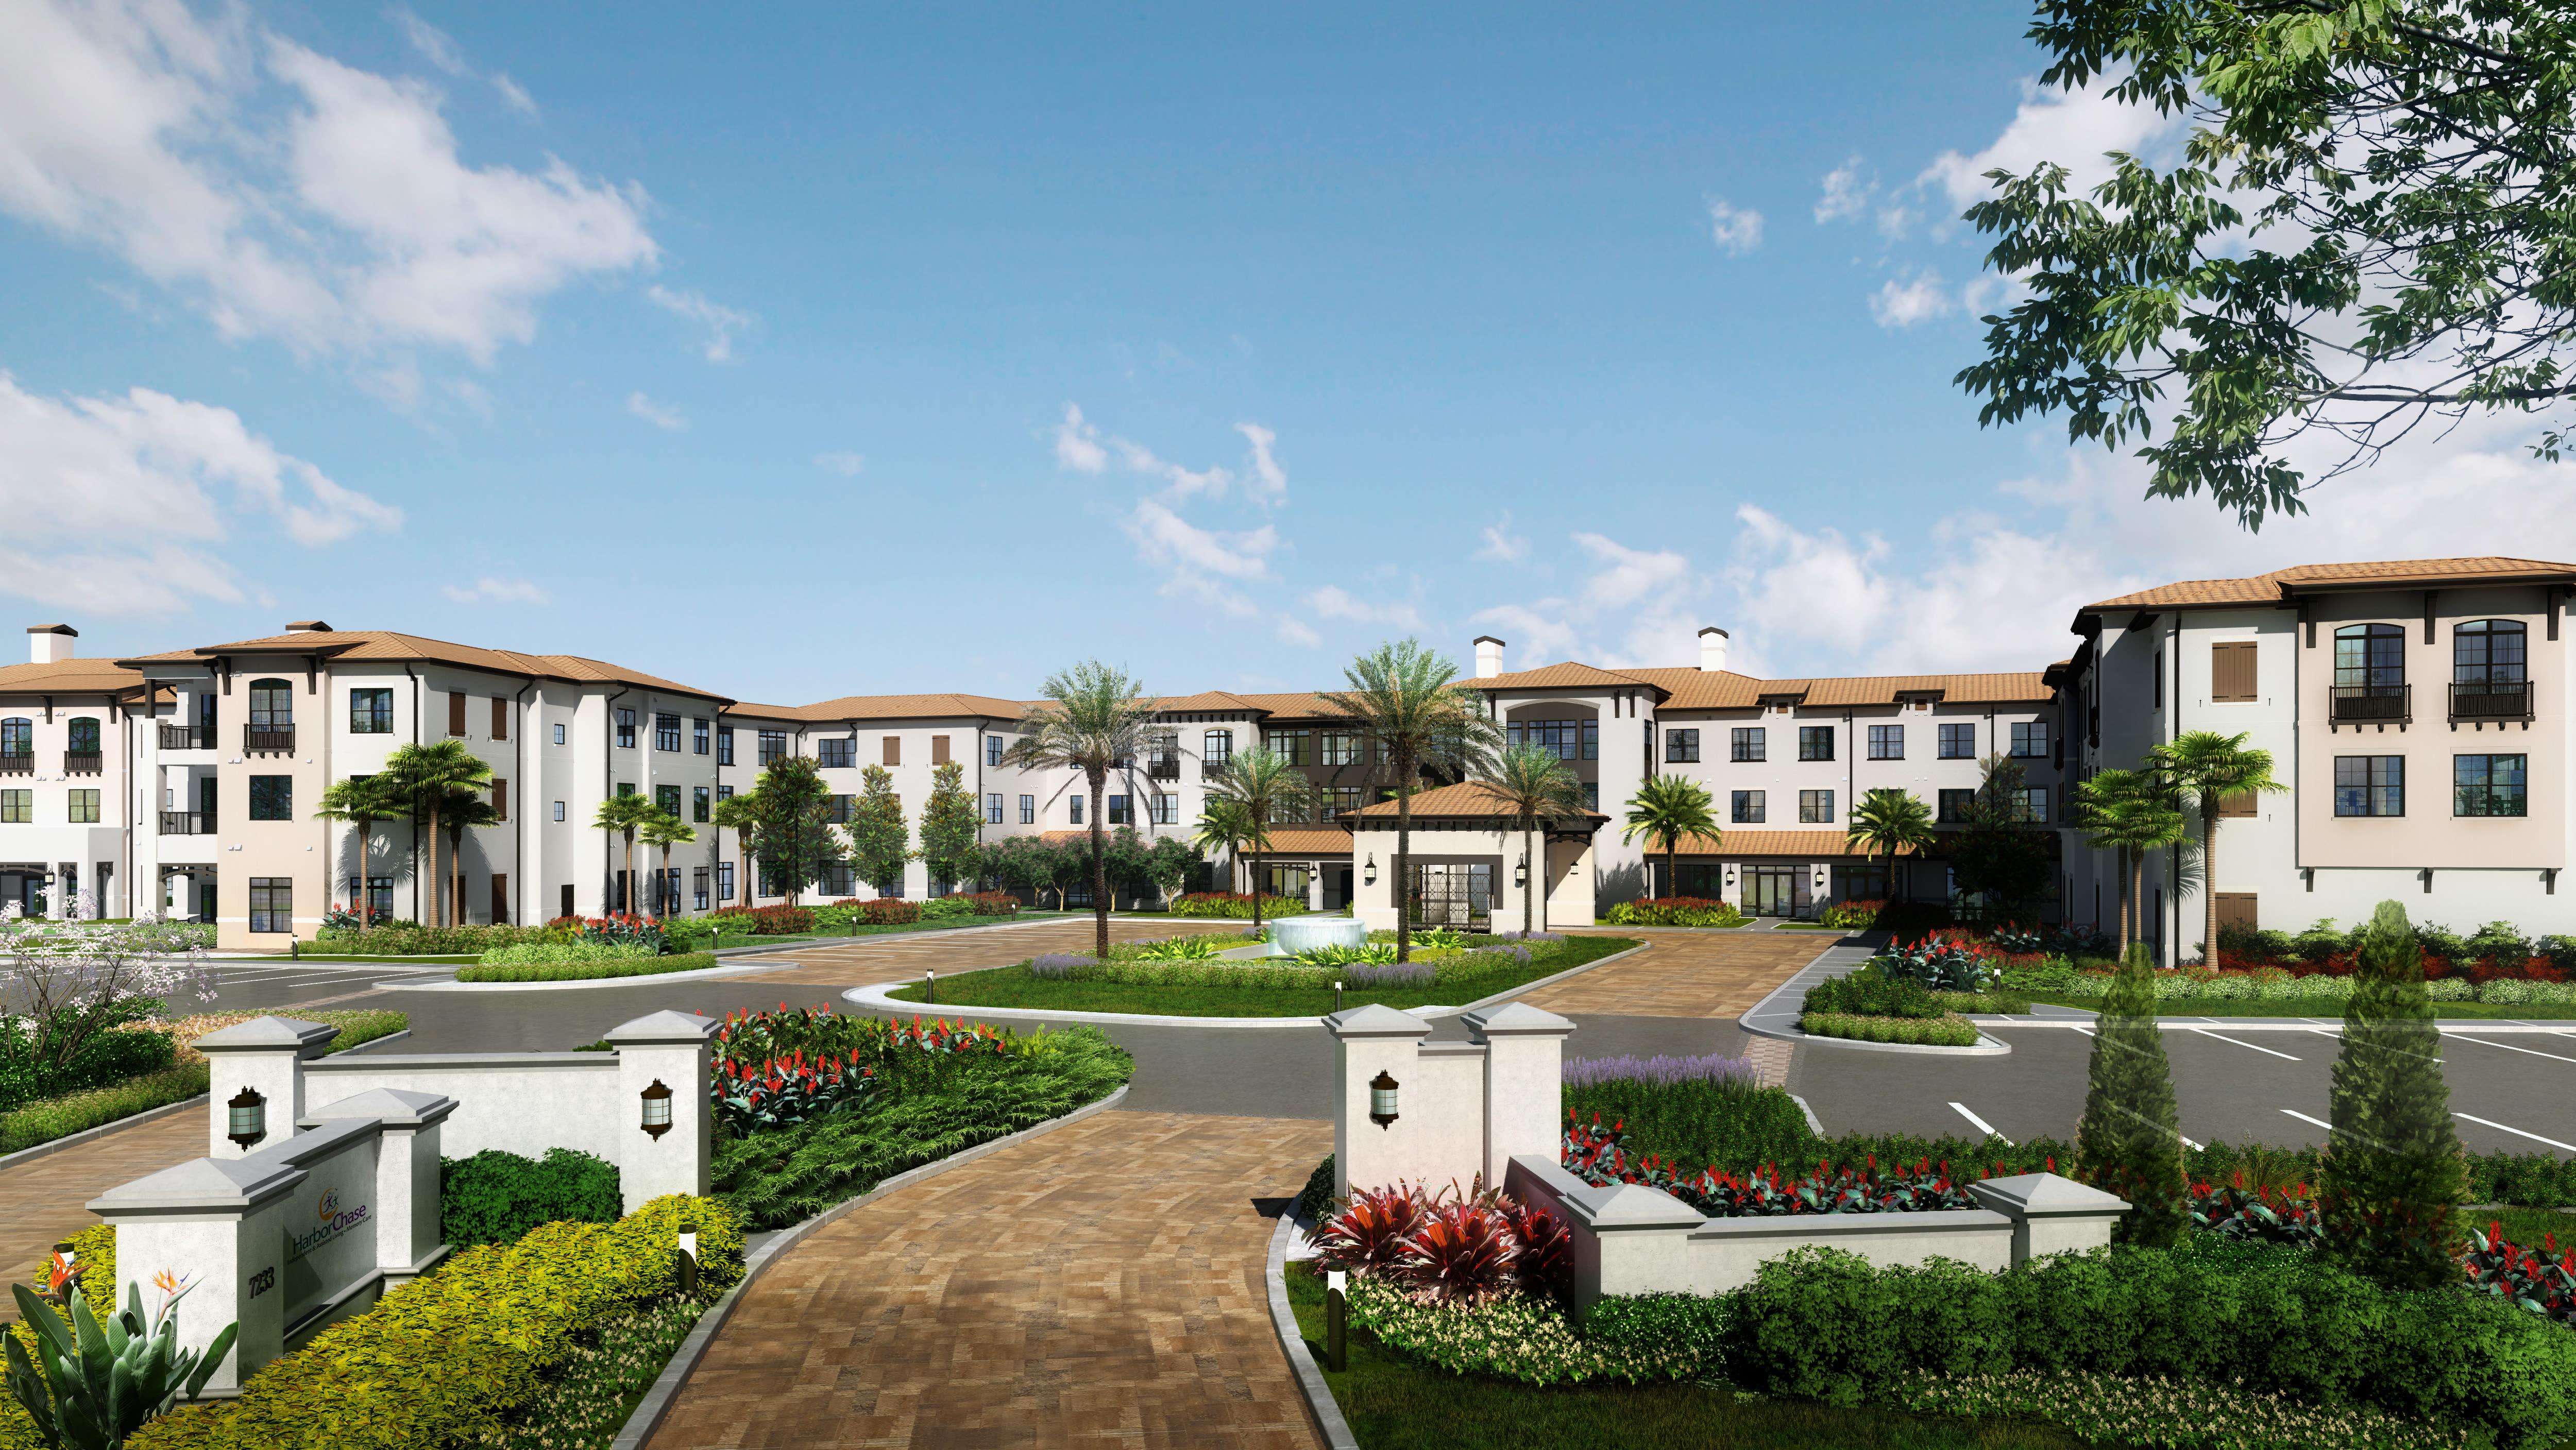 Exquisite senior living facility located in Orlando, Florida